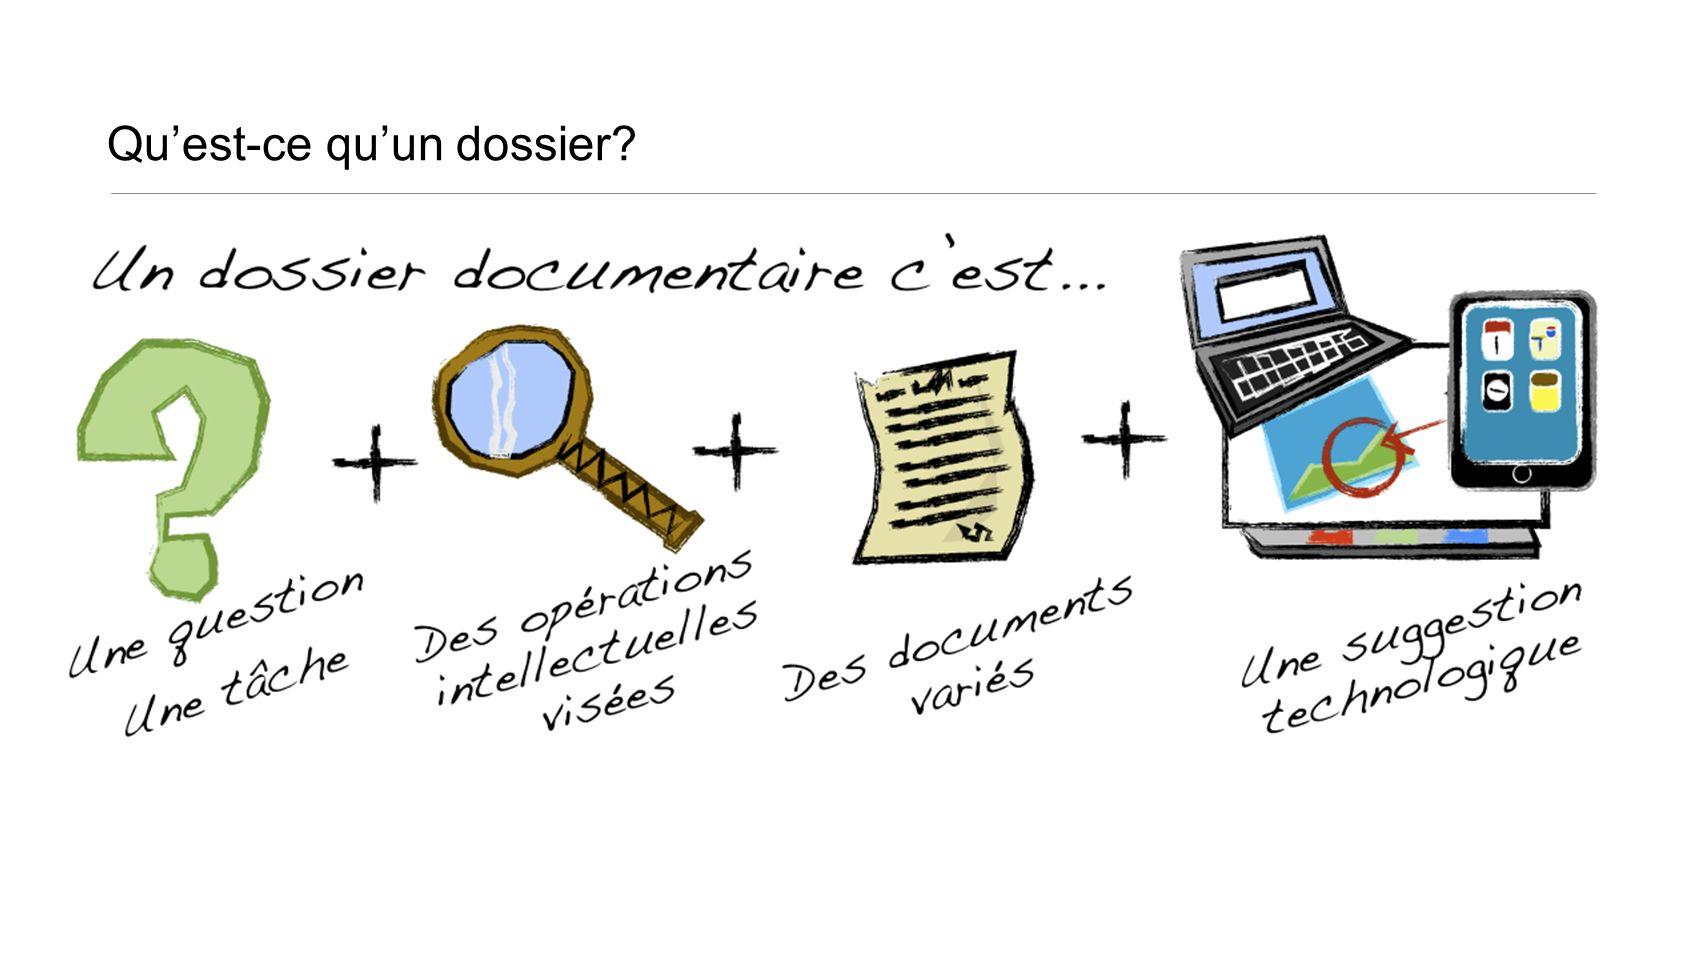 Disponible en version documents Google